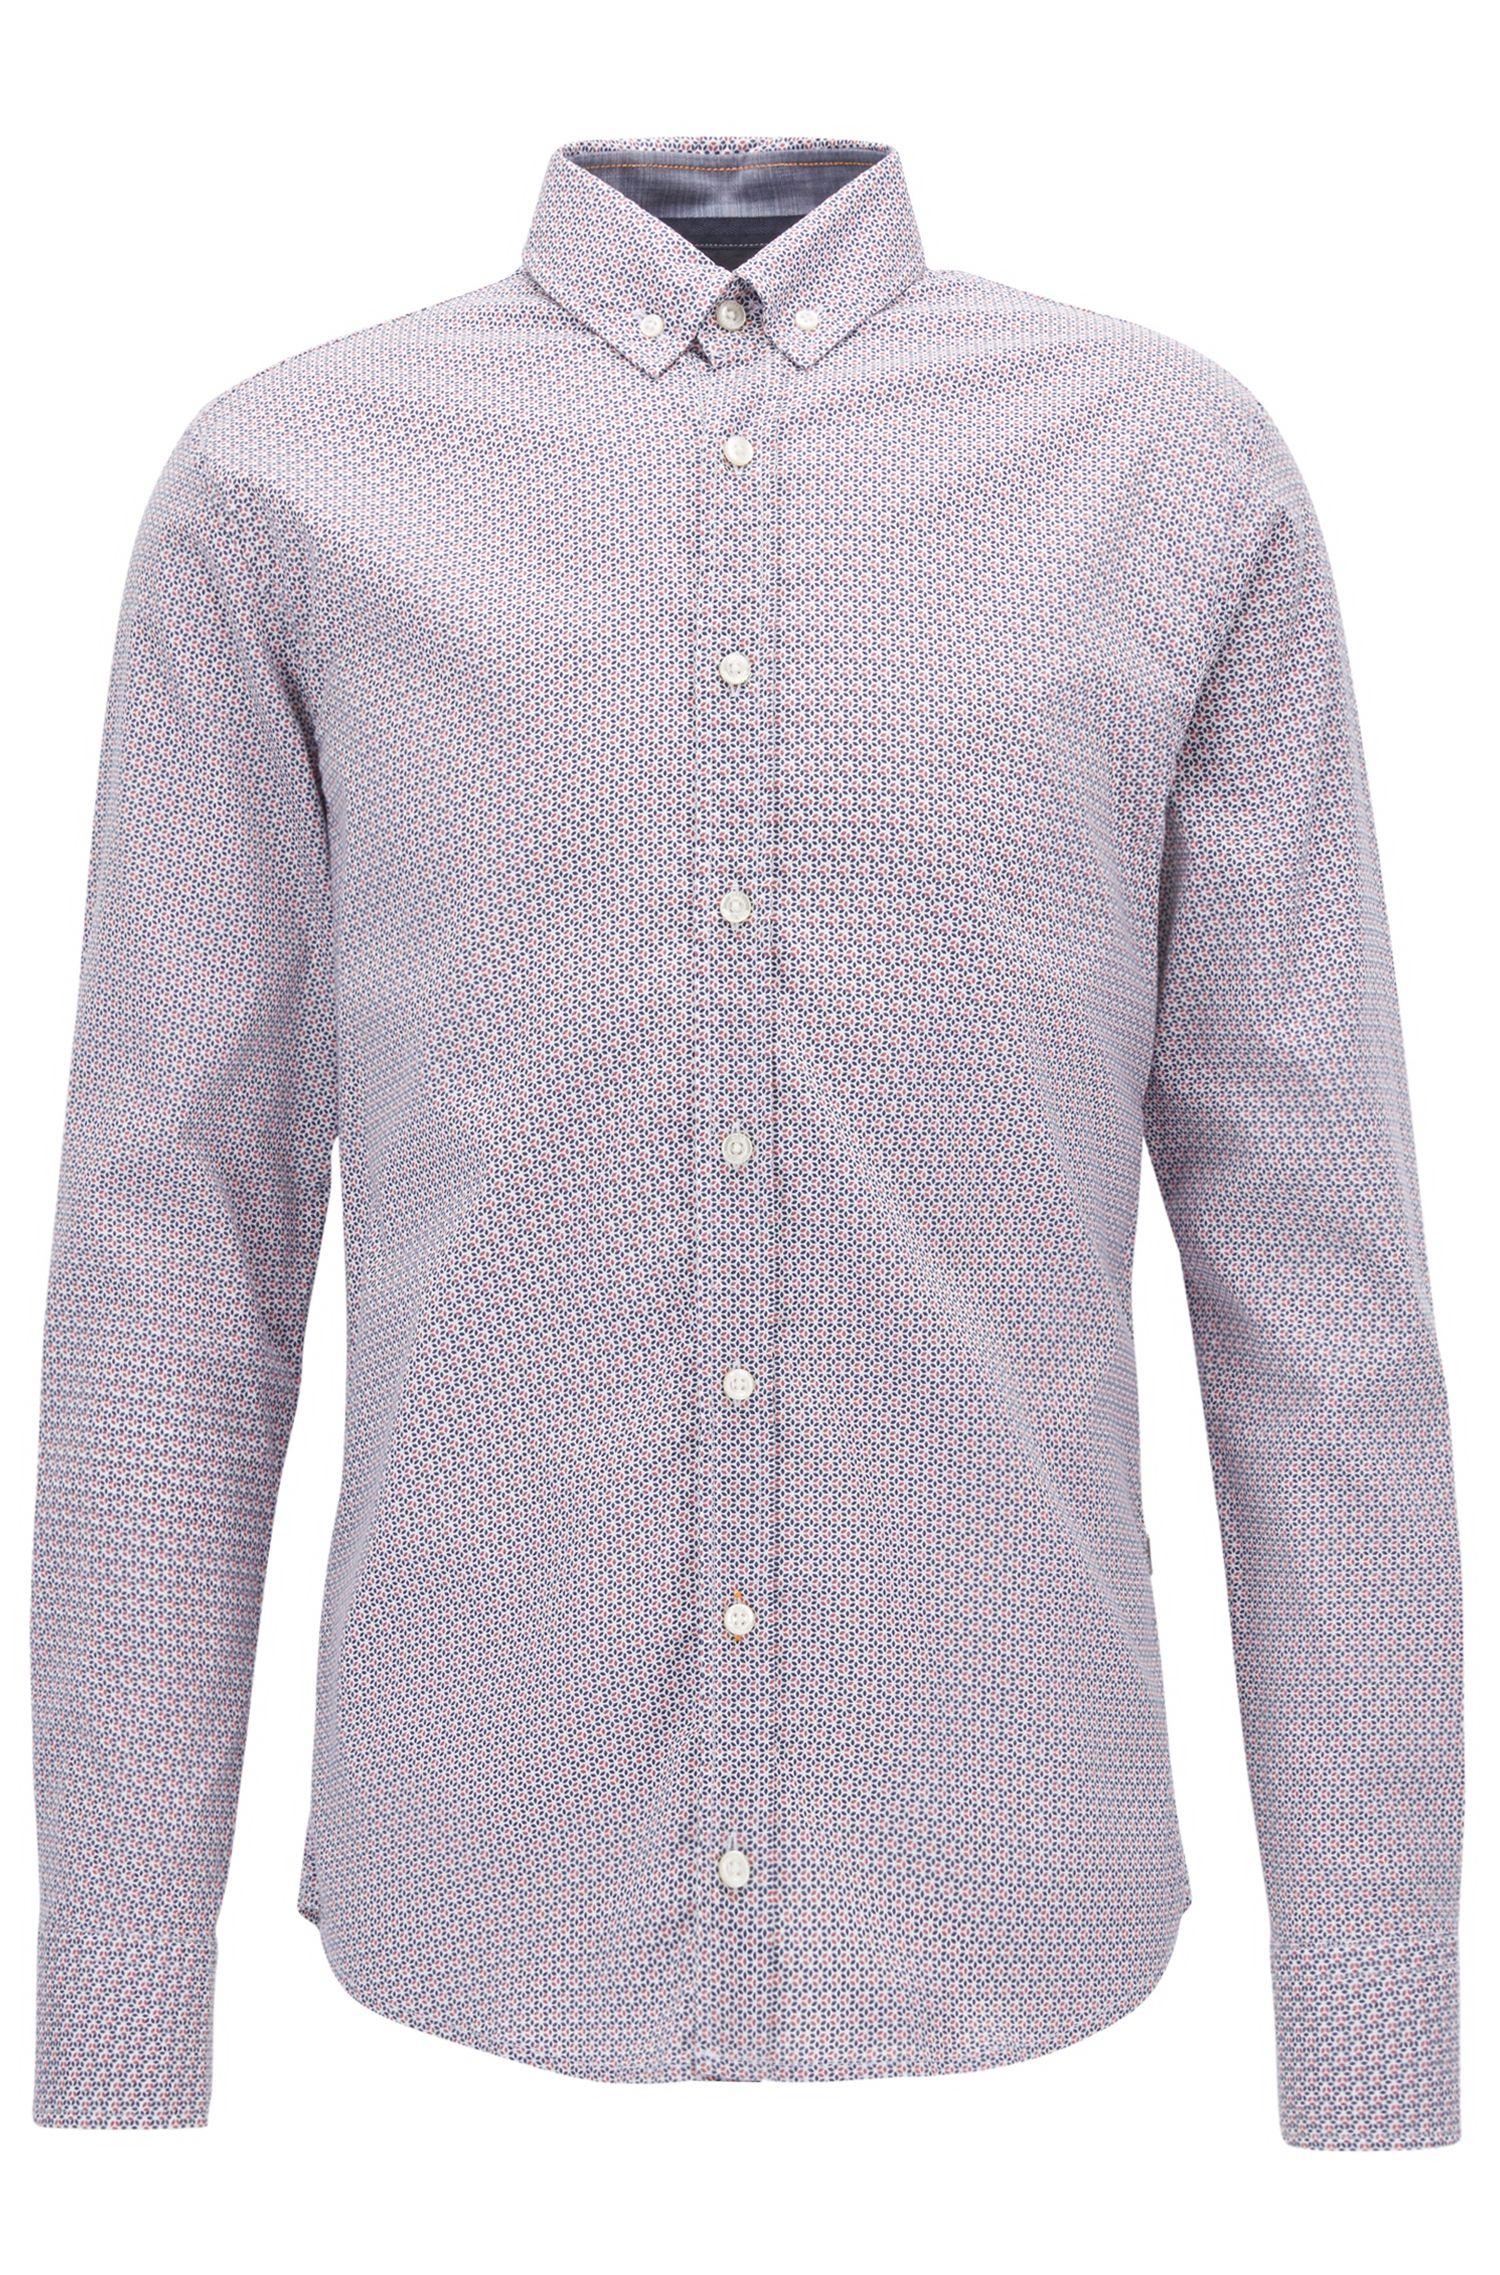 Camicia slim fit in popeline di cotone con microstampa